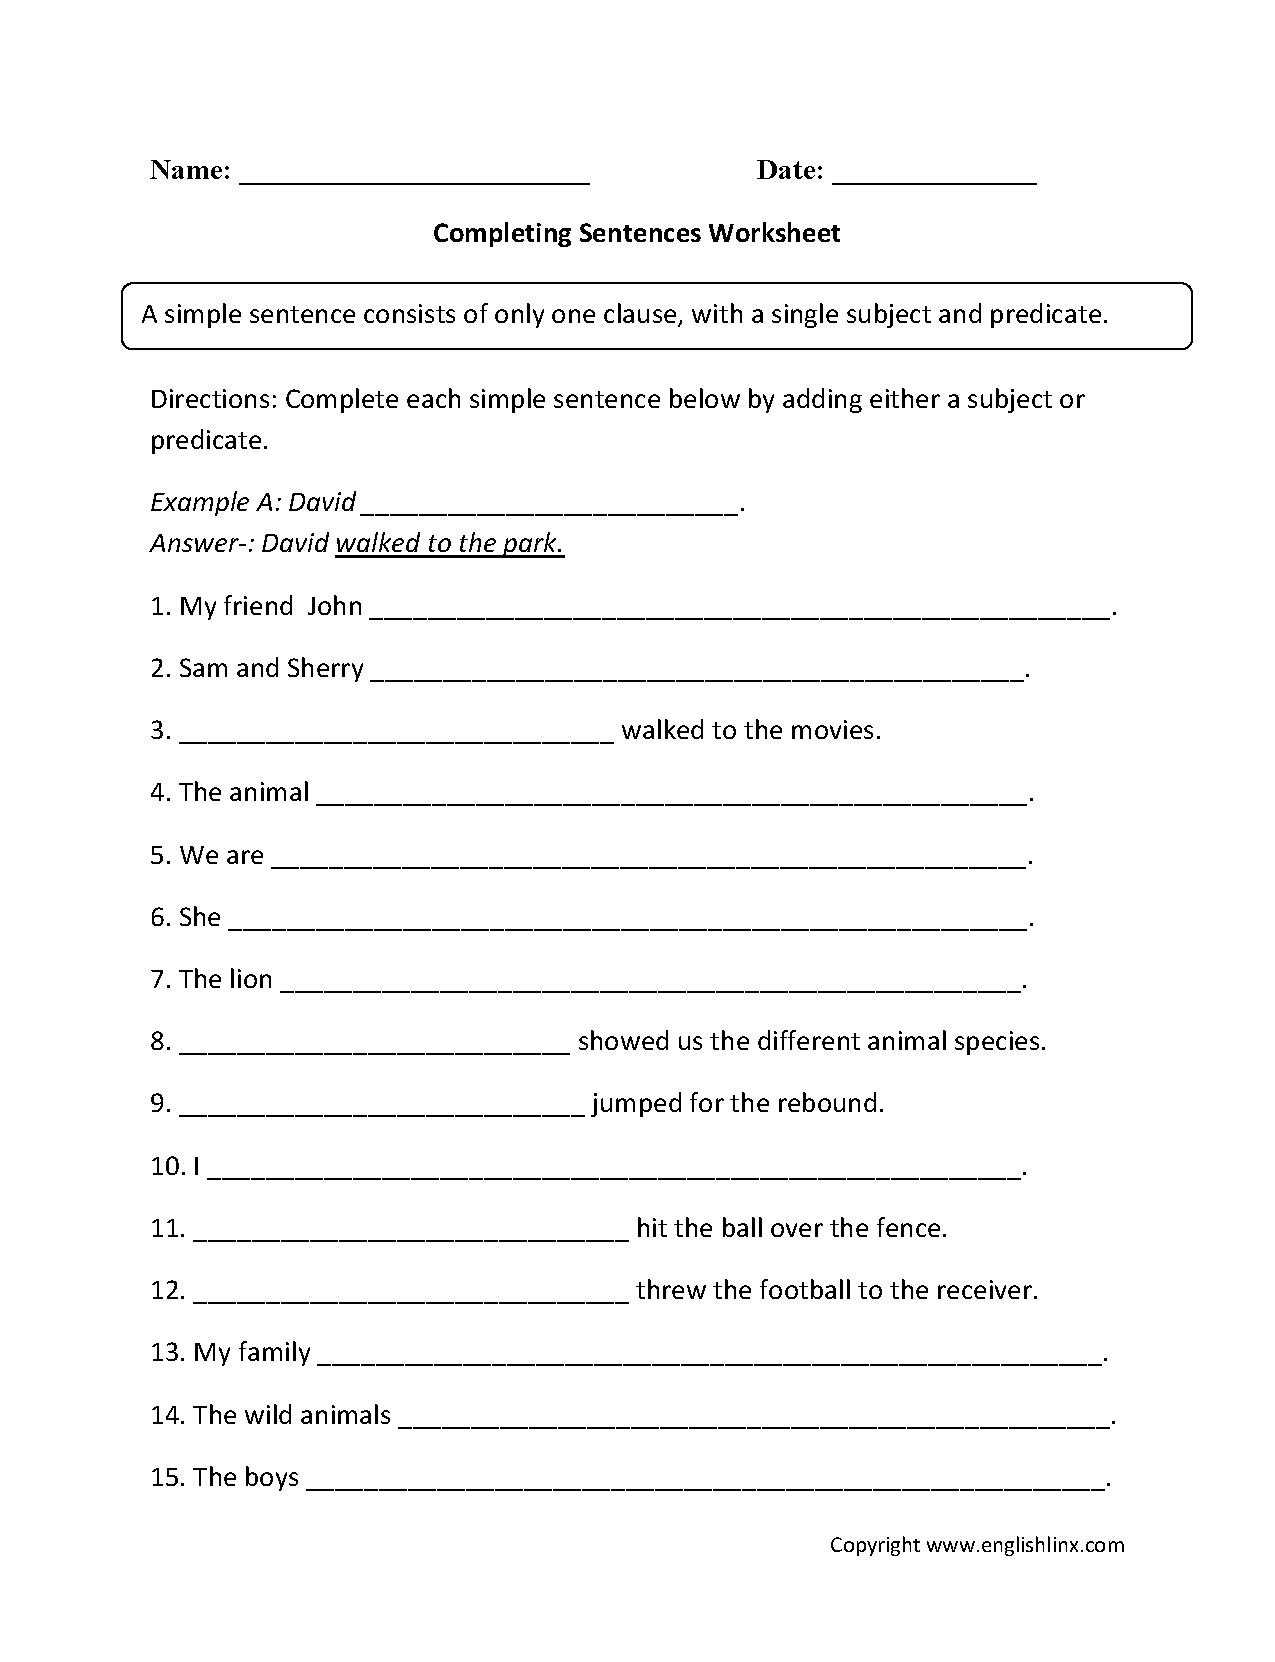 Completing Sentence Worksheet